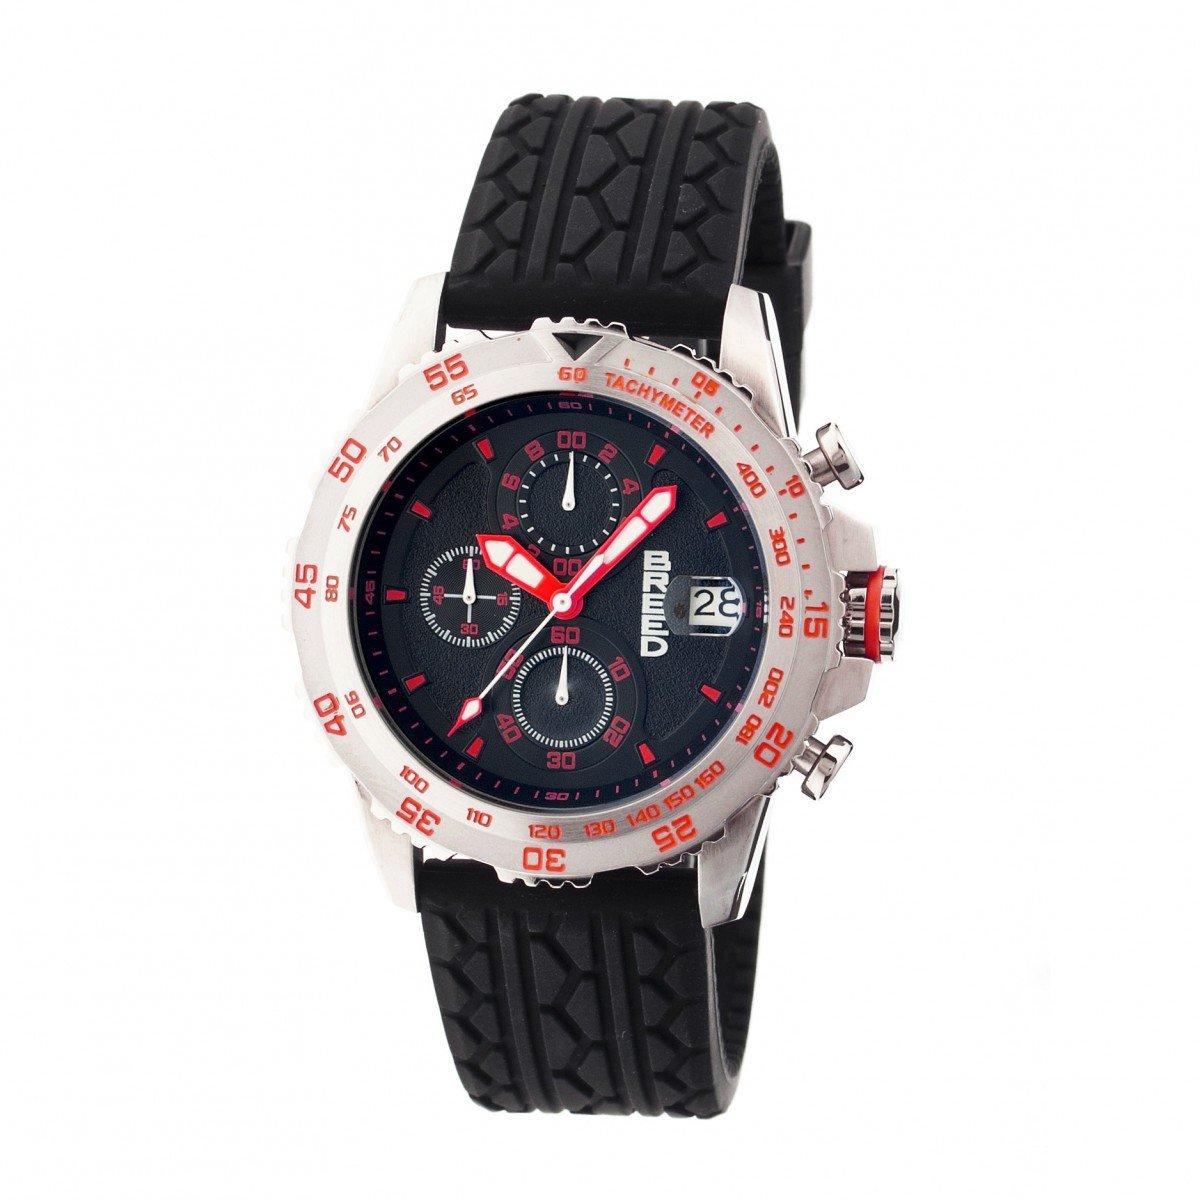 Breed Socrates腕時計 – ブラック、1サイズ   B00S9ZIIOI